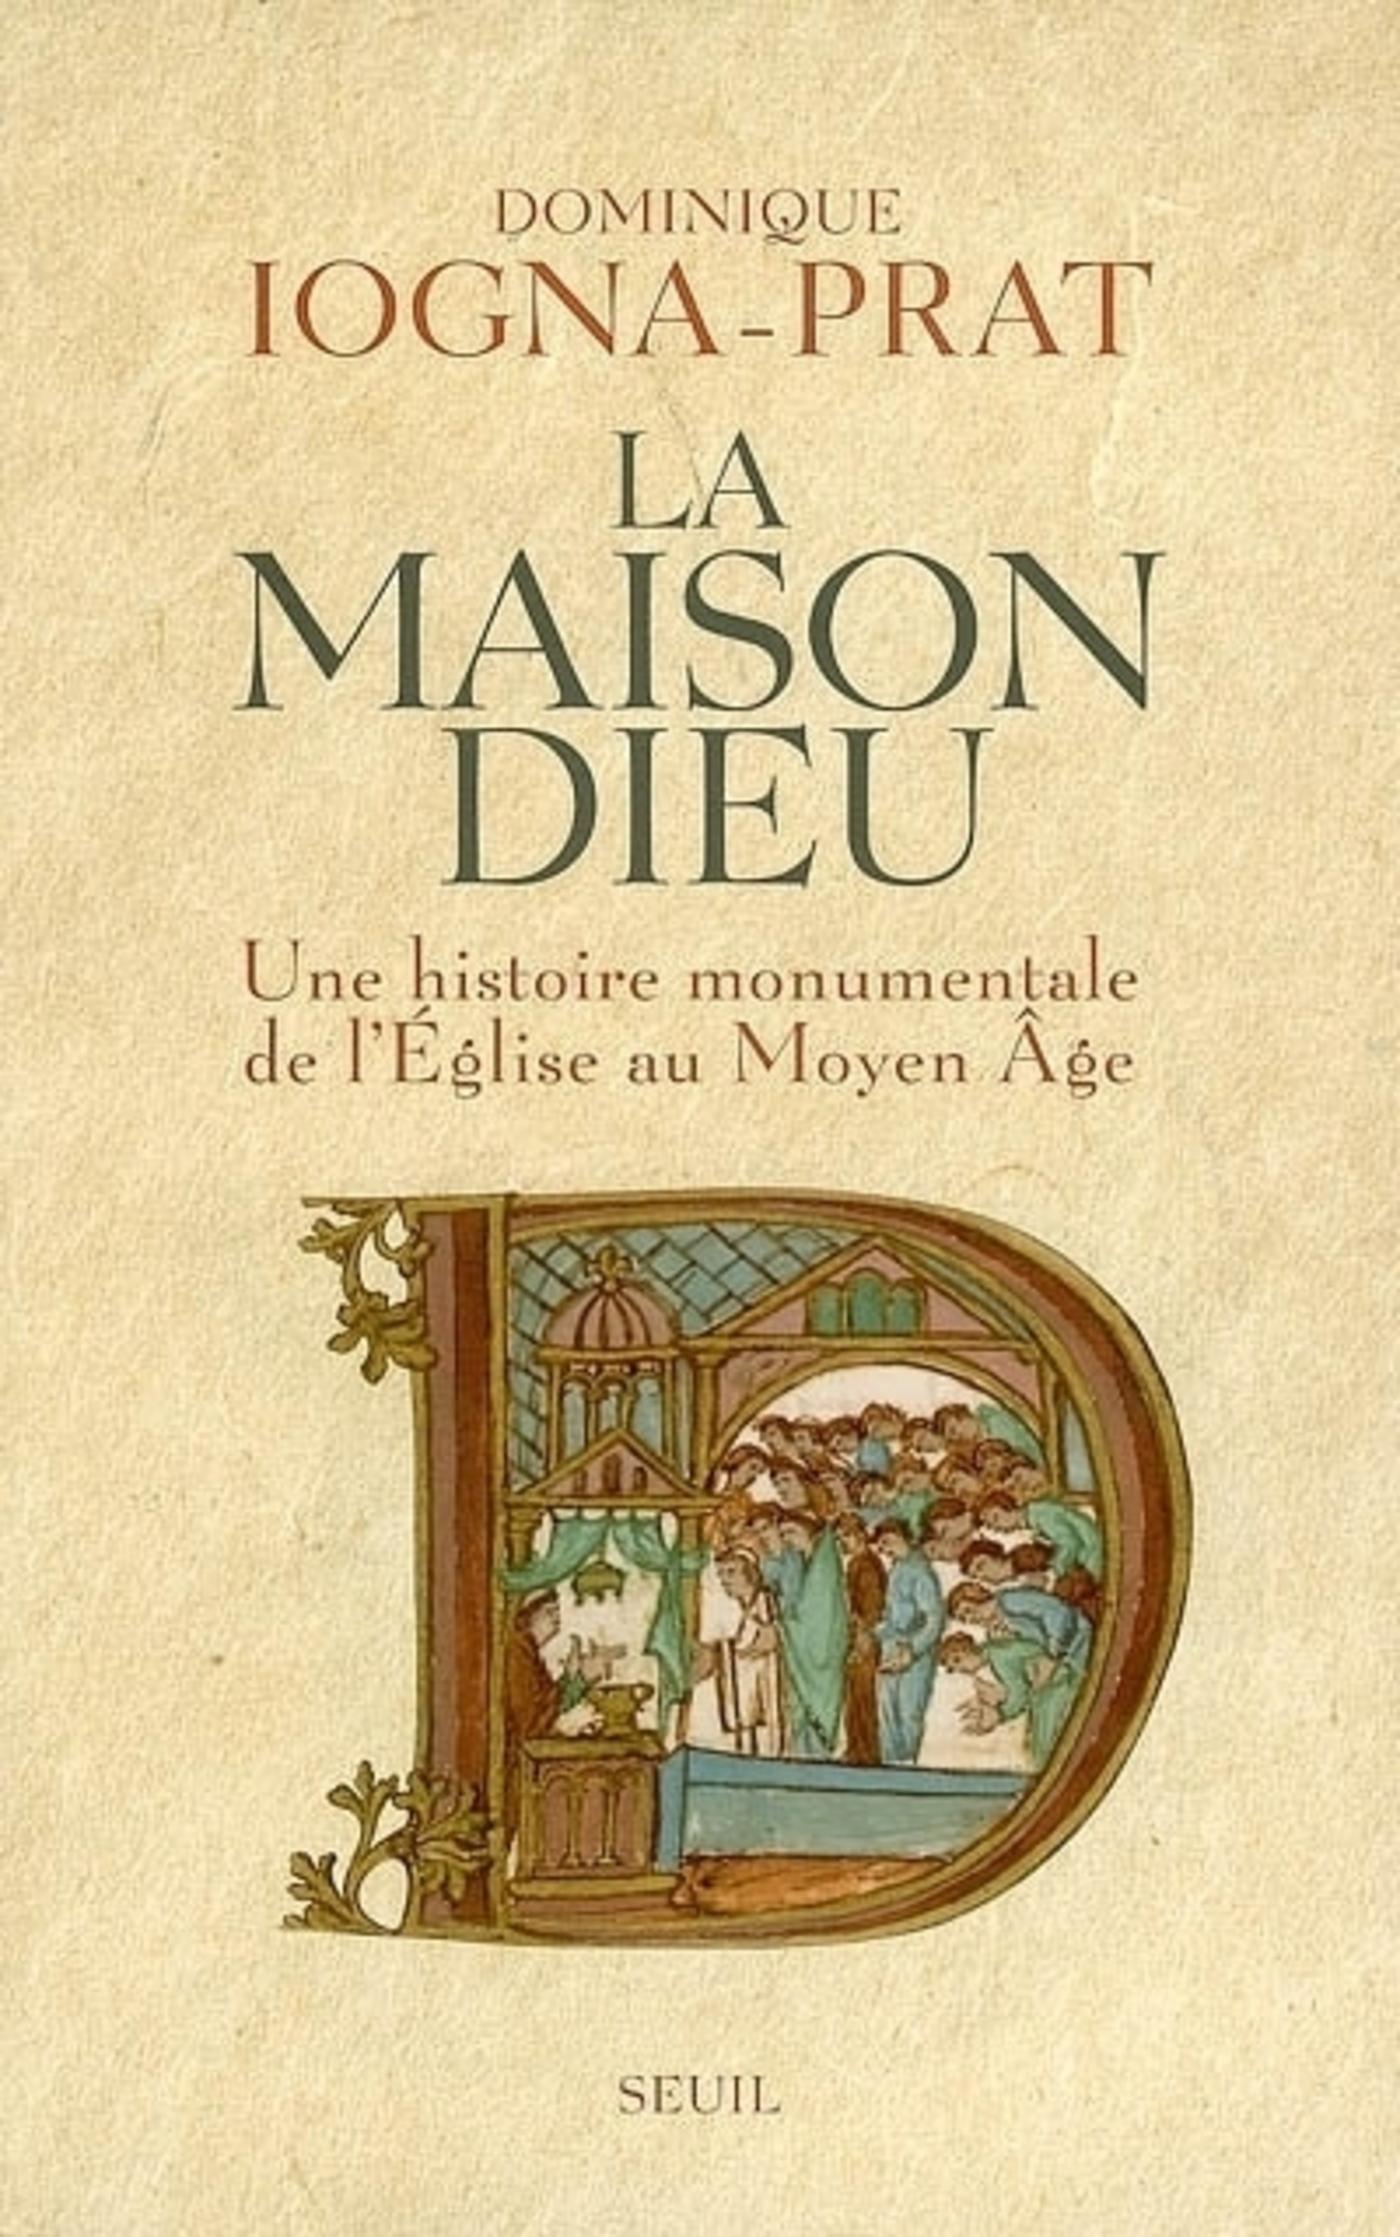 La Maison Dieu. Une histoire monumentale de l'Eglise au Moyen Age (v. 800-v. 1200)